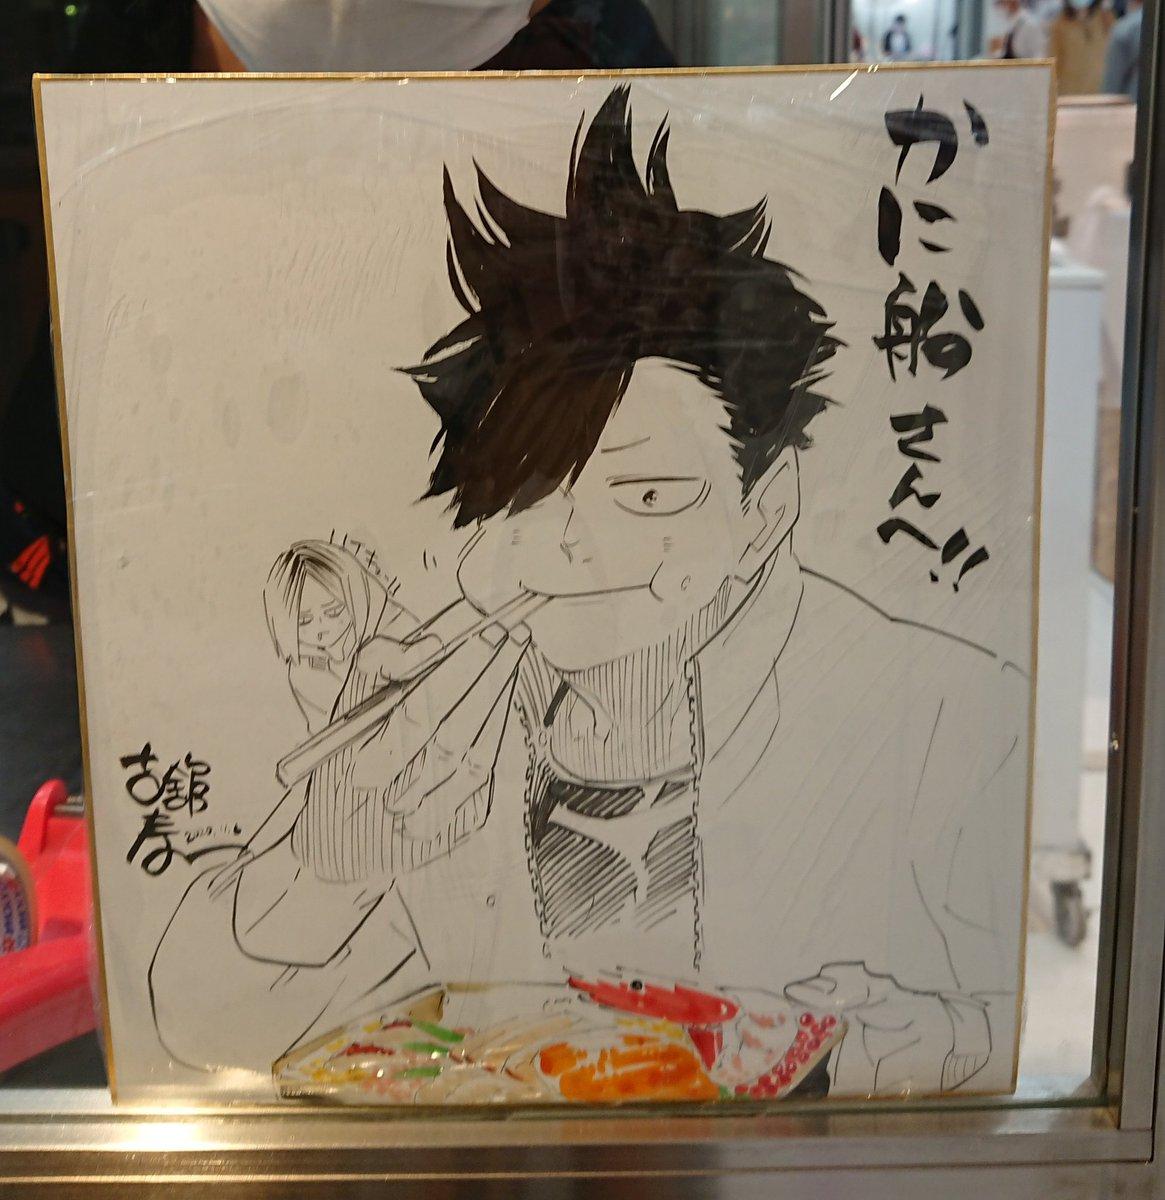 福島県いわき市の「かに船」さんのお弁当。ネコ科にはたまらない美味しさです。 11月10日まで池袋東武8階催事場で会えます。お弁当買うとおまけももらえますよ!